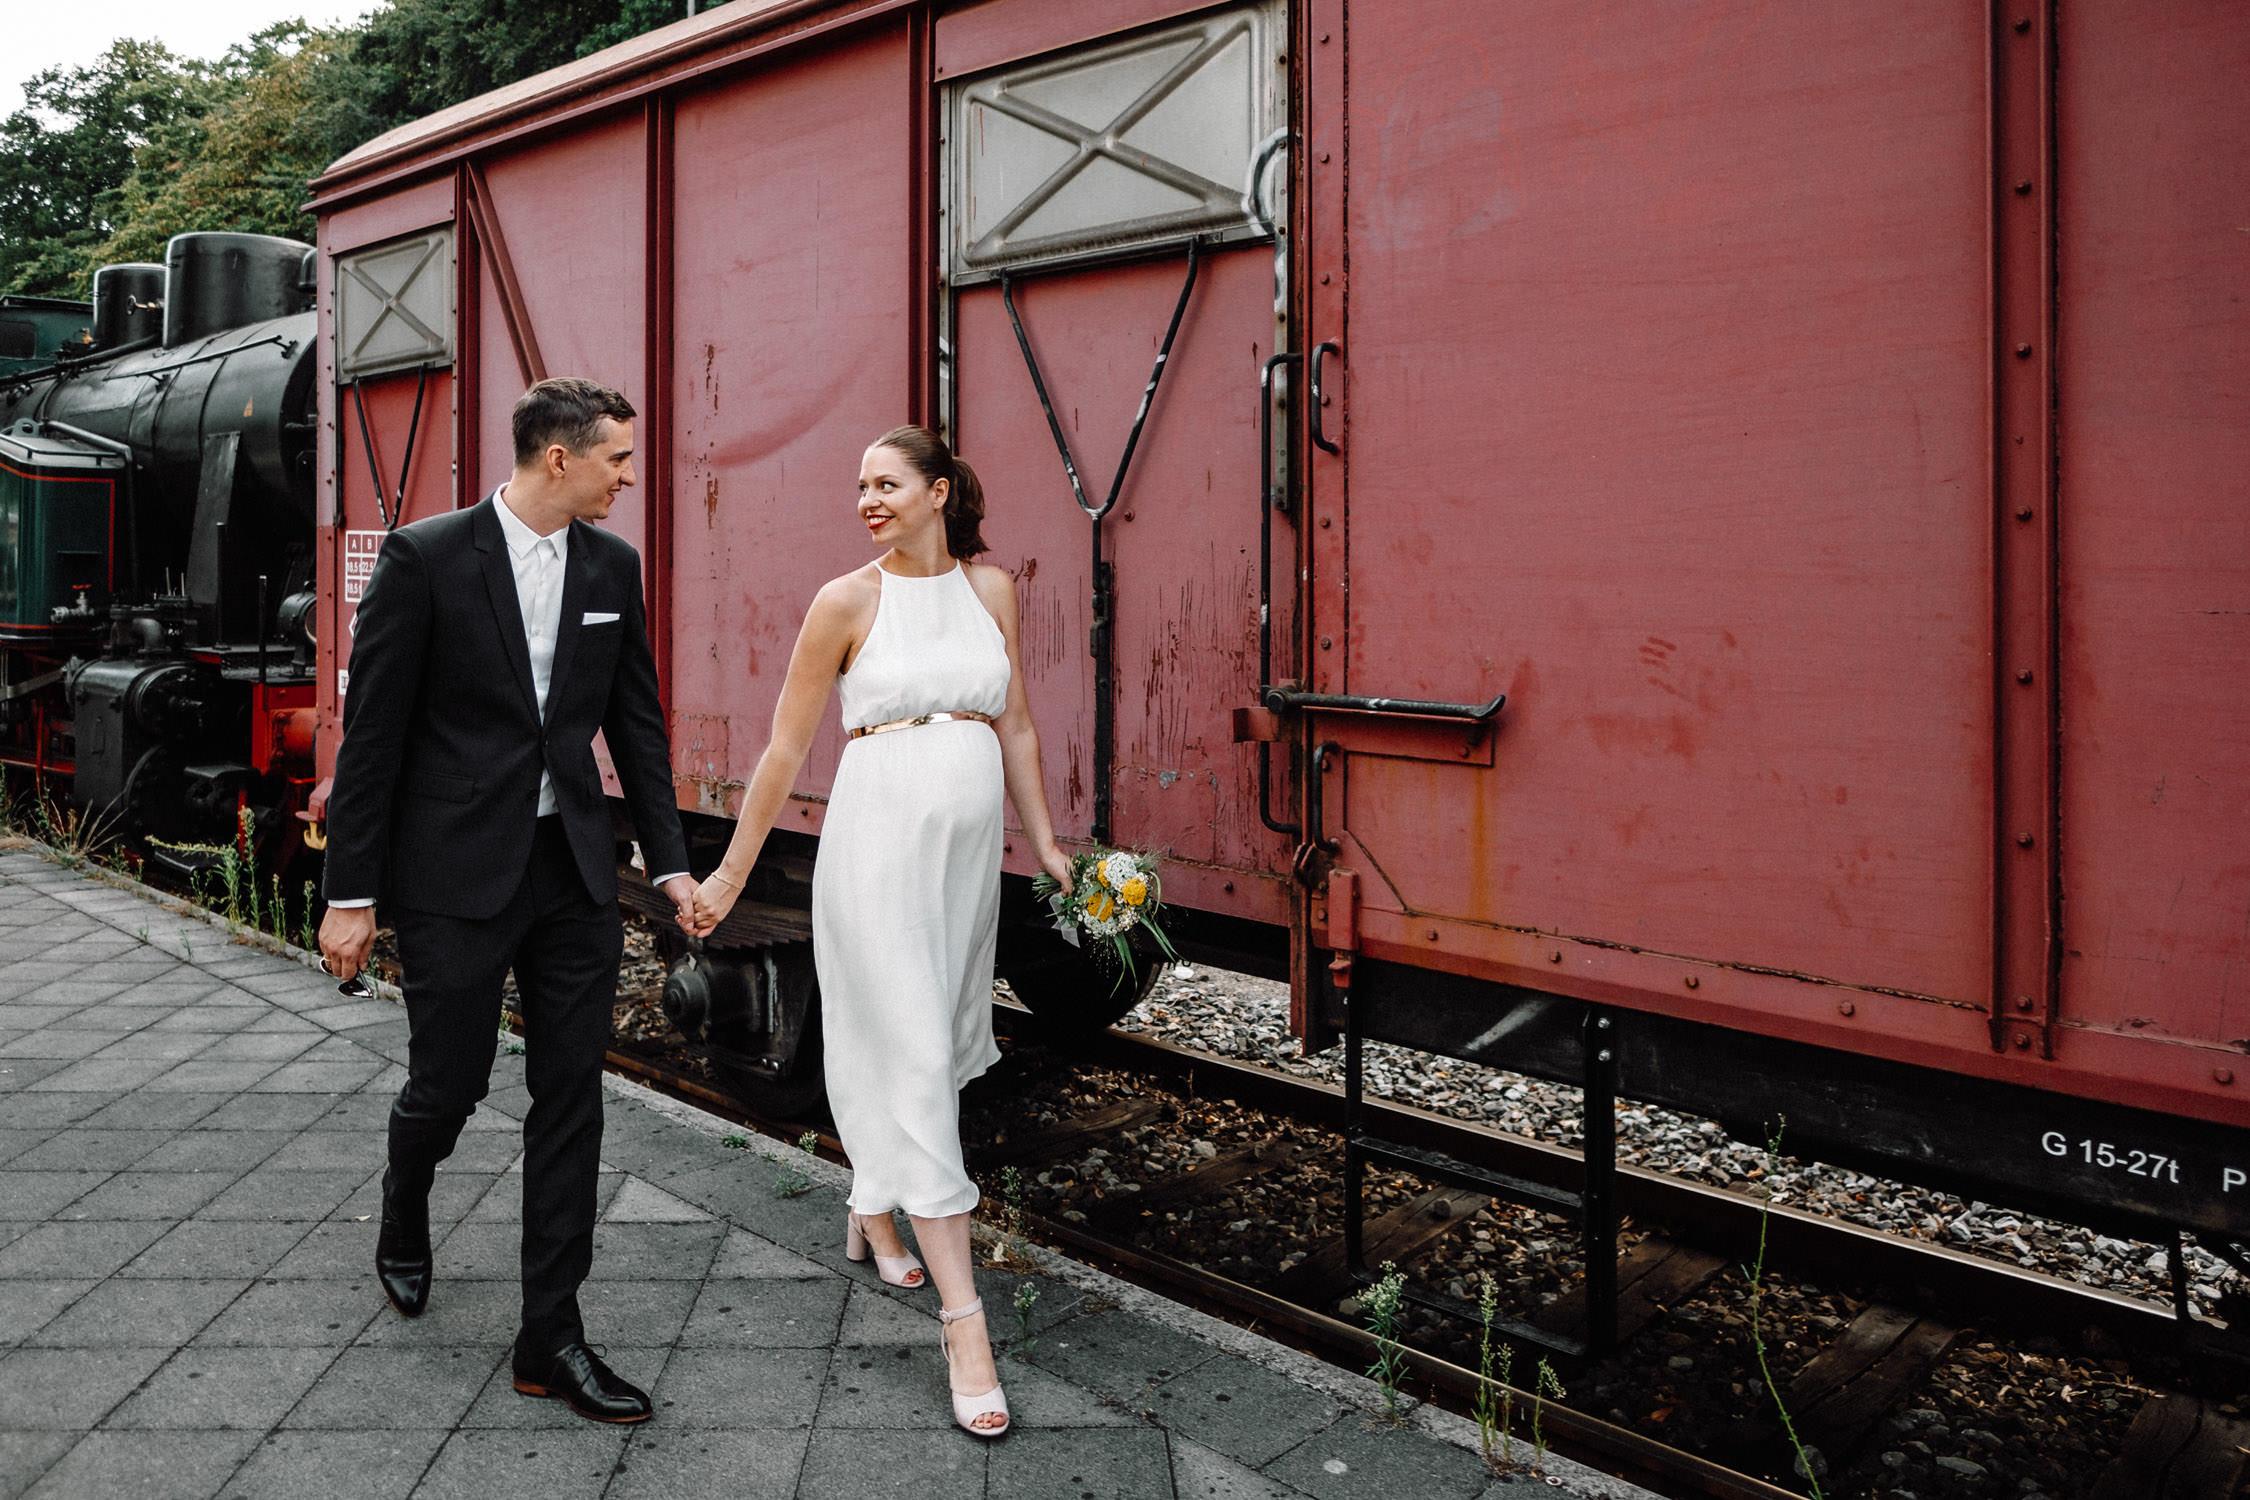 Hochzeitsfotograf_Koeln_Standesamt_Krefeld_NRW_Hochzeitsreportage-Duesseldorf-01